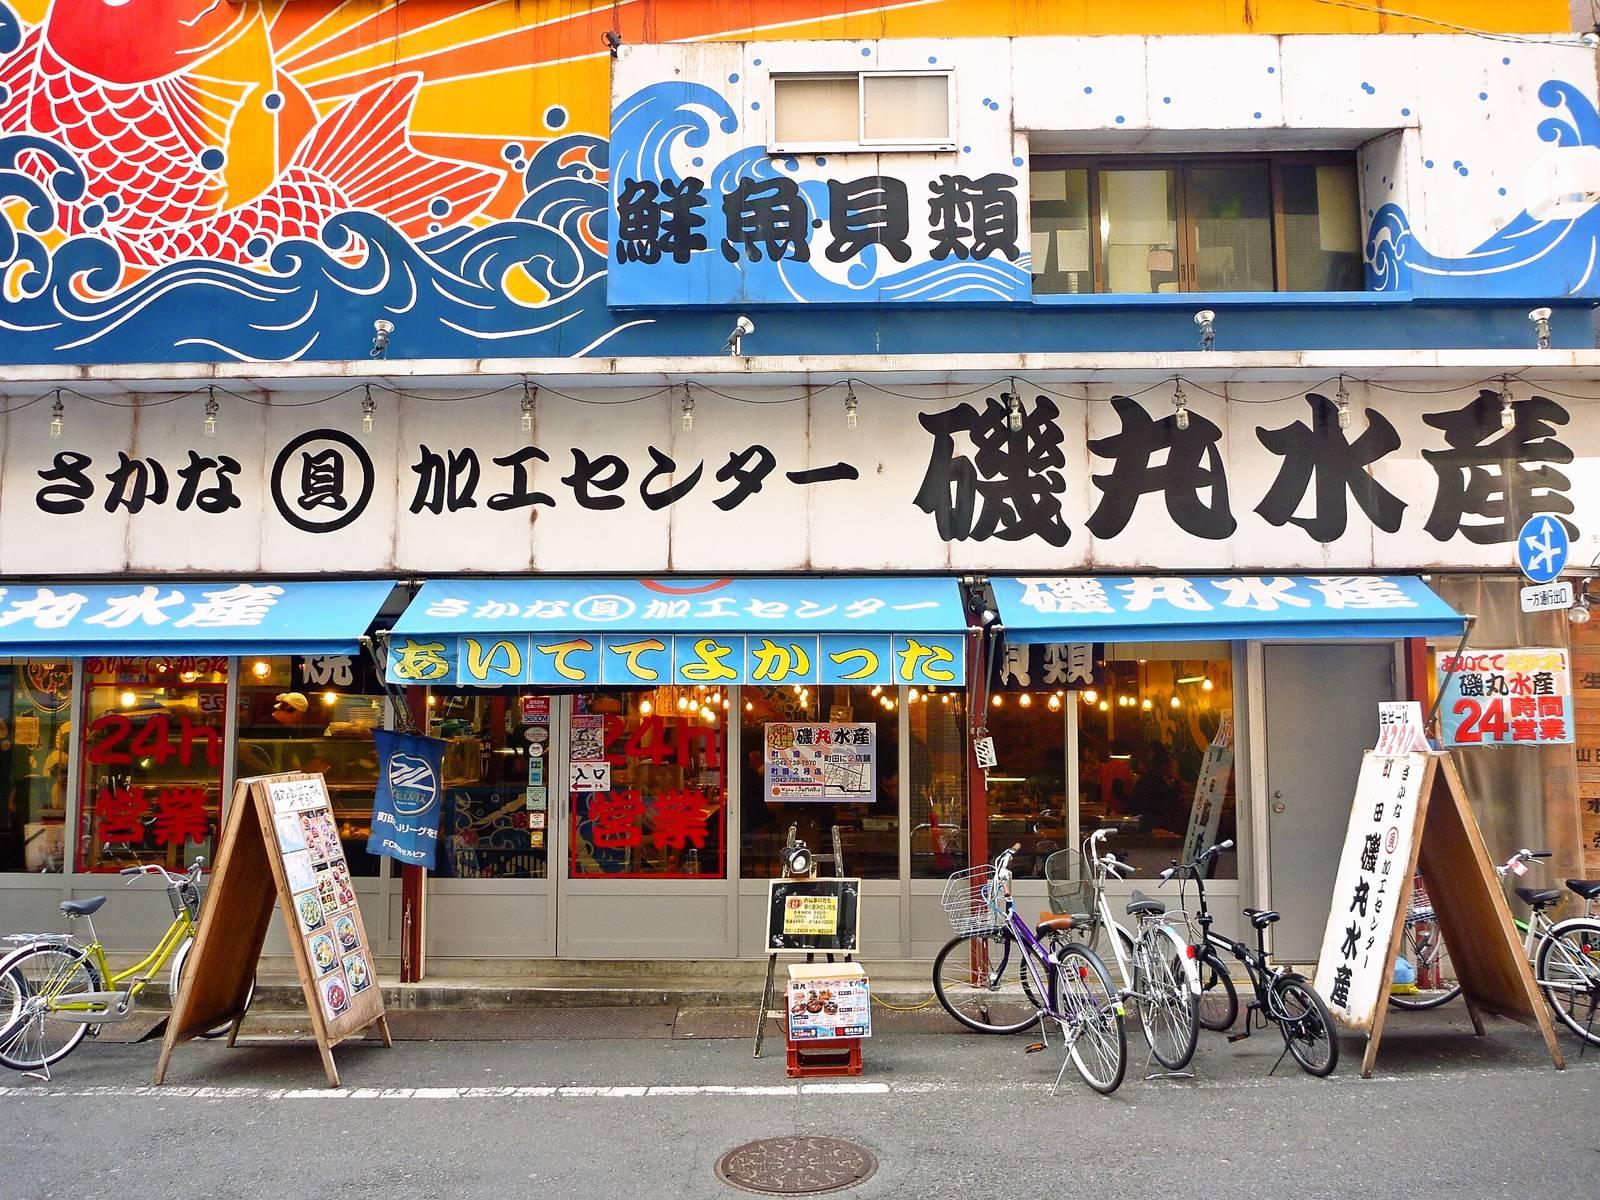 寝溜め食い溜め  磯丸水産町田店でランチに「特選バラチラシ丼」コメントトラックバック                根性左巻き